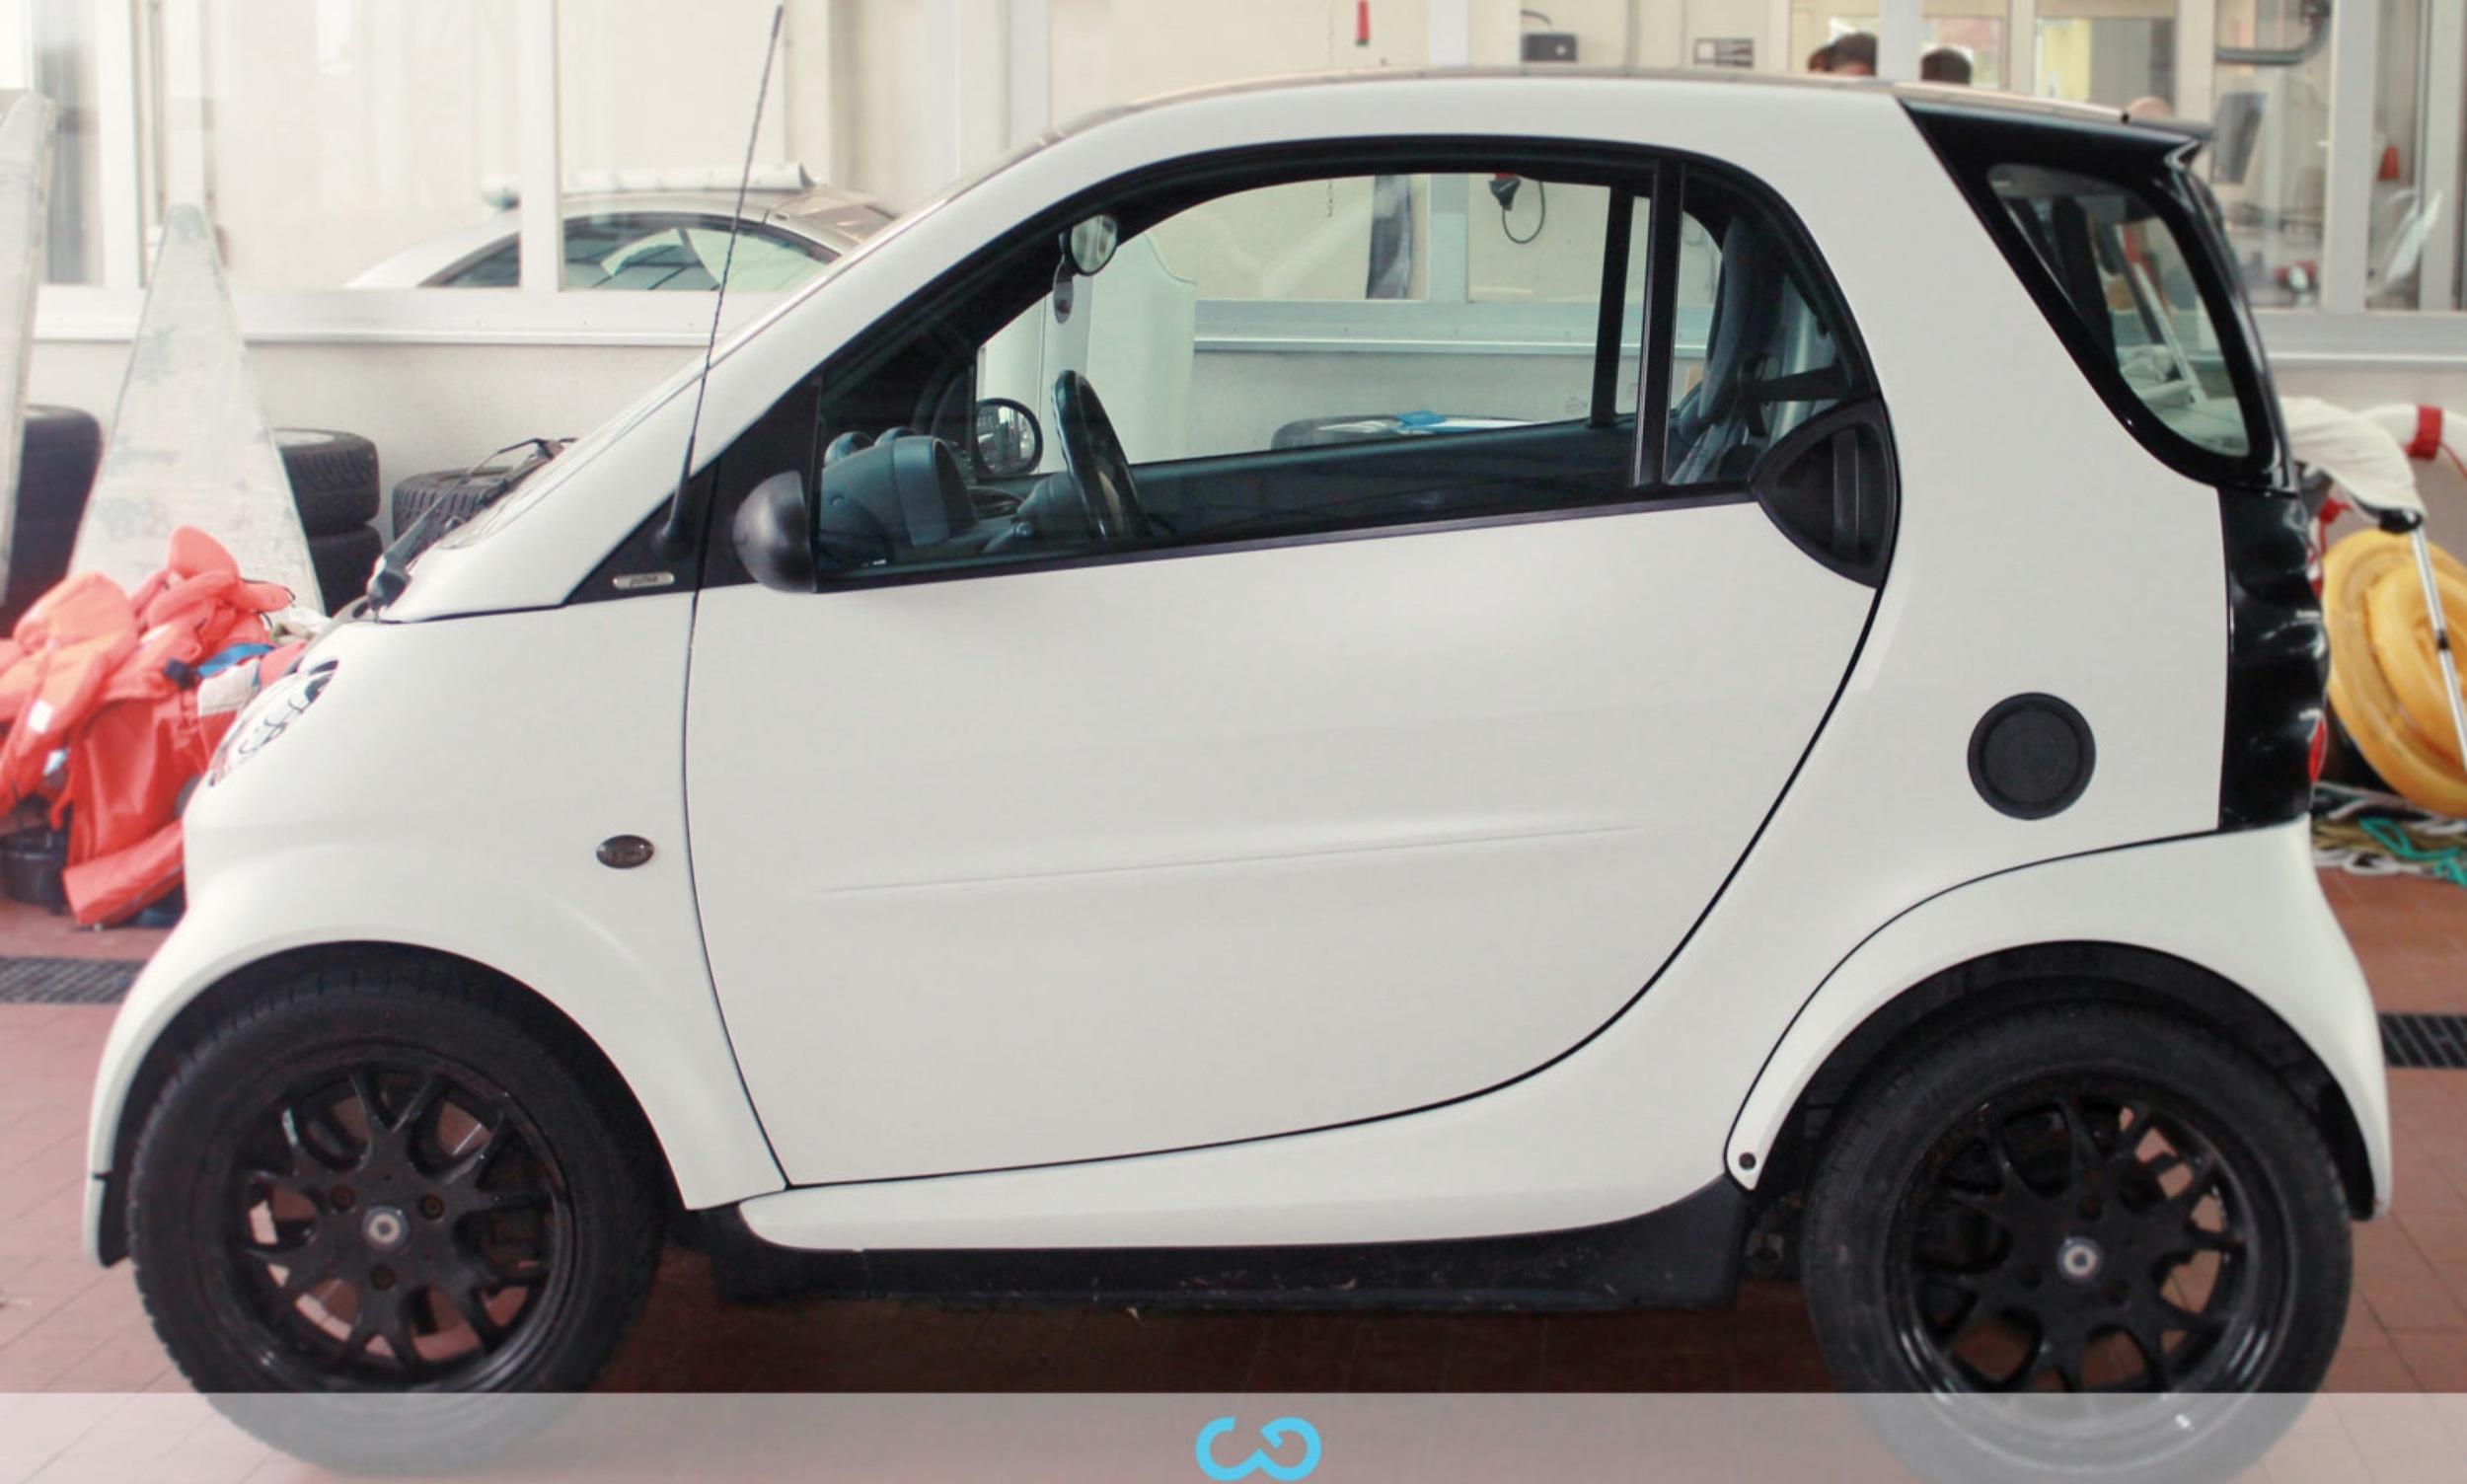 autofolierung-car-wrapping-3-vollfolierung-teilfolierung-carbonfolie-smart-weiss-2012-10-12-2.jpg